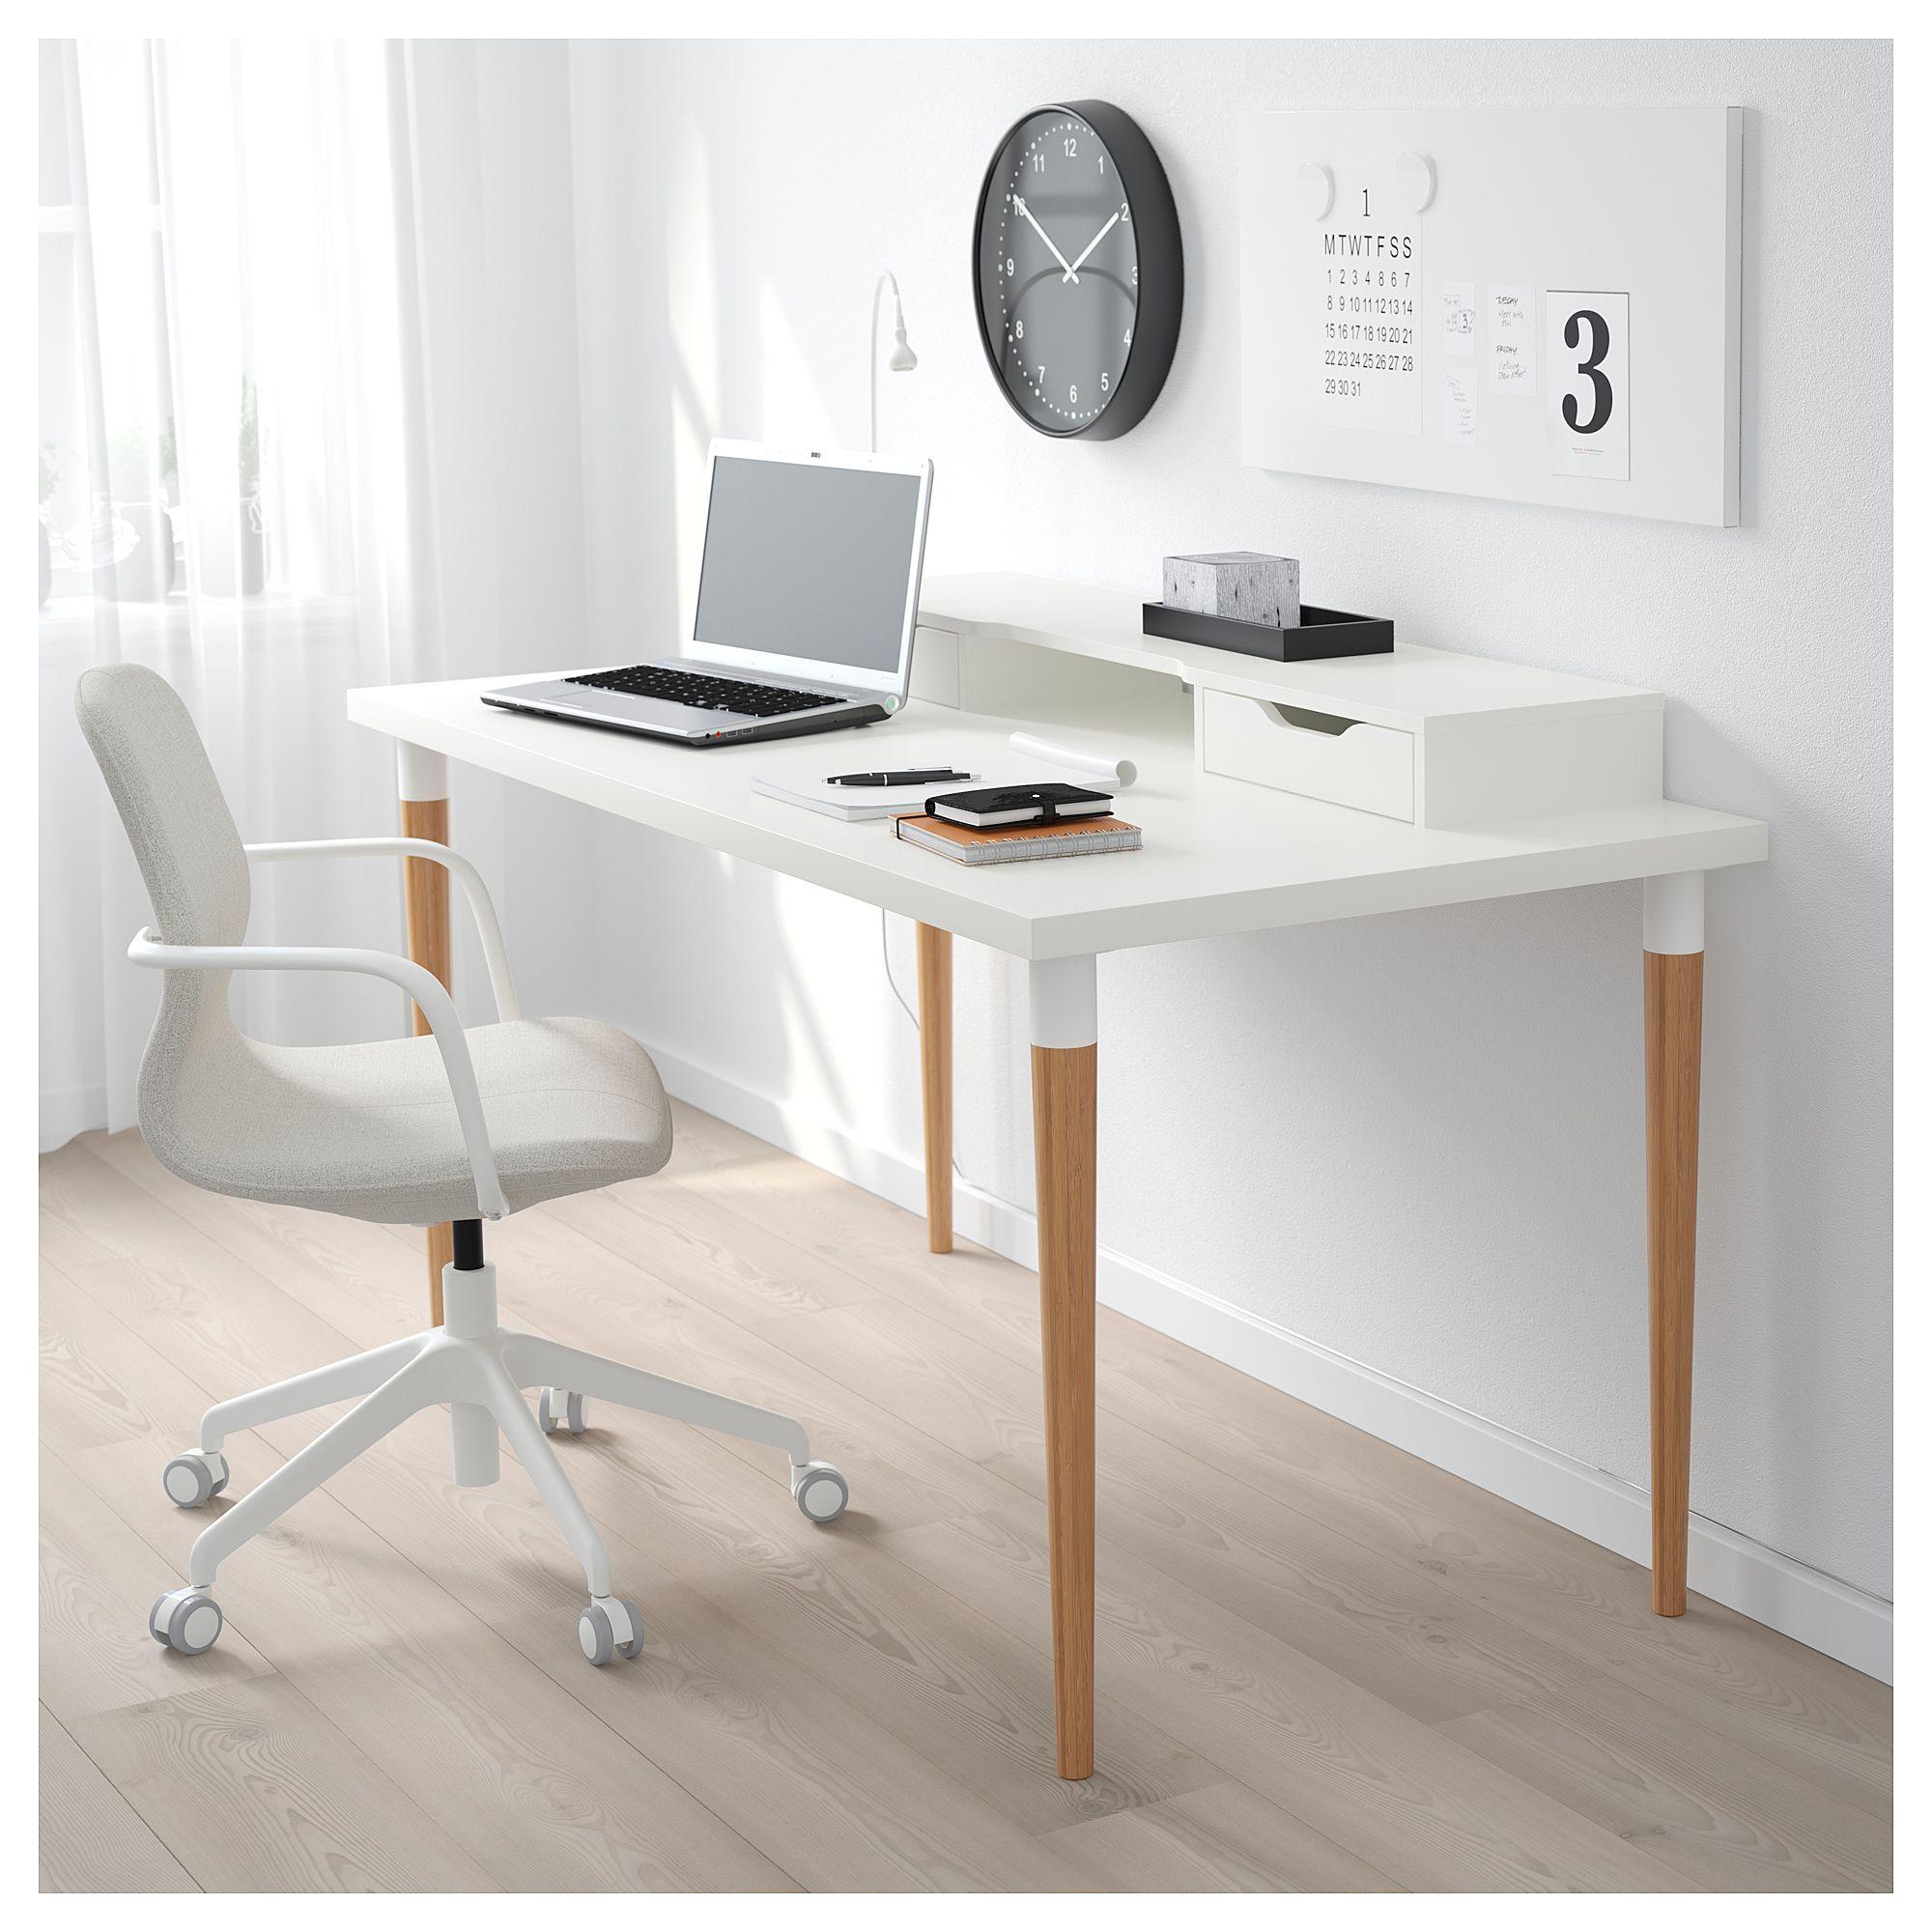 Ikea Schreibtisch Linnmon 2021